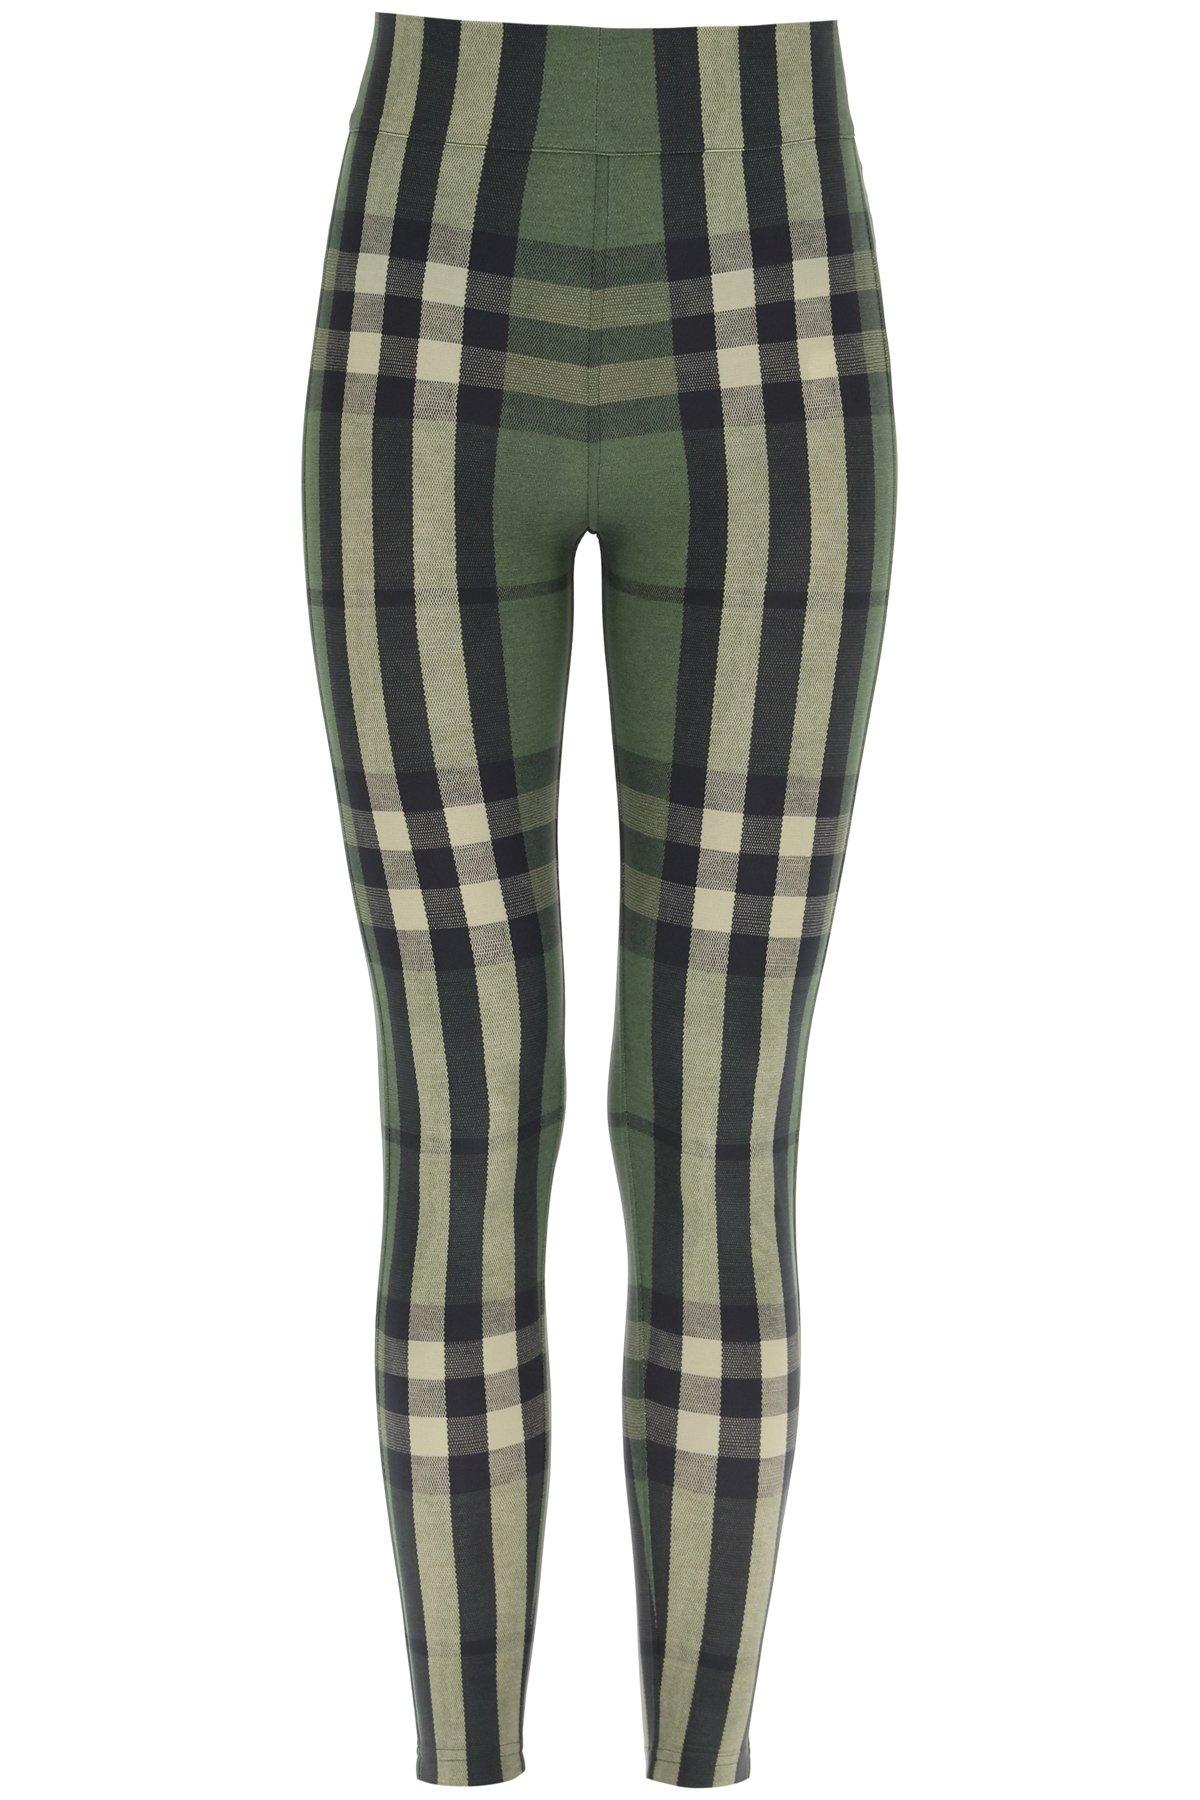 Burberry leggings madden tartan